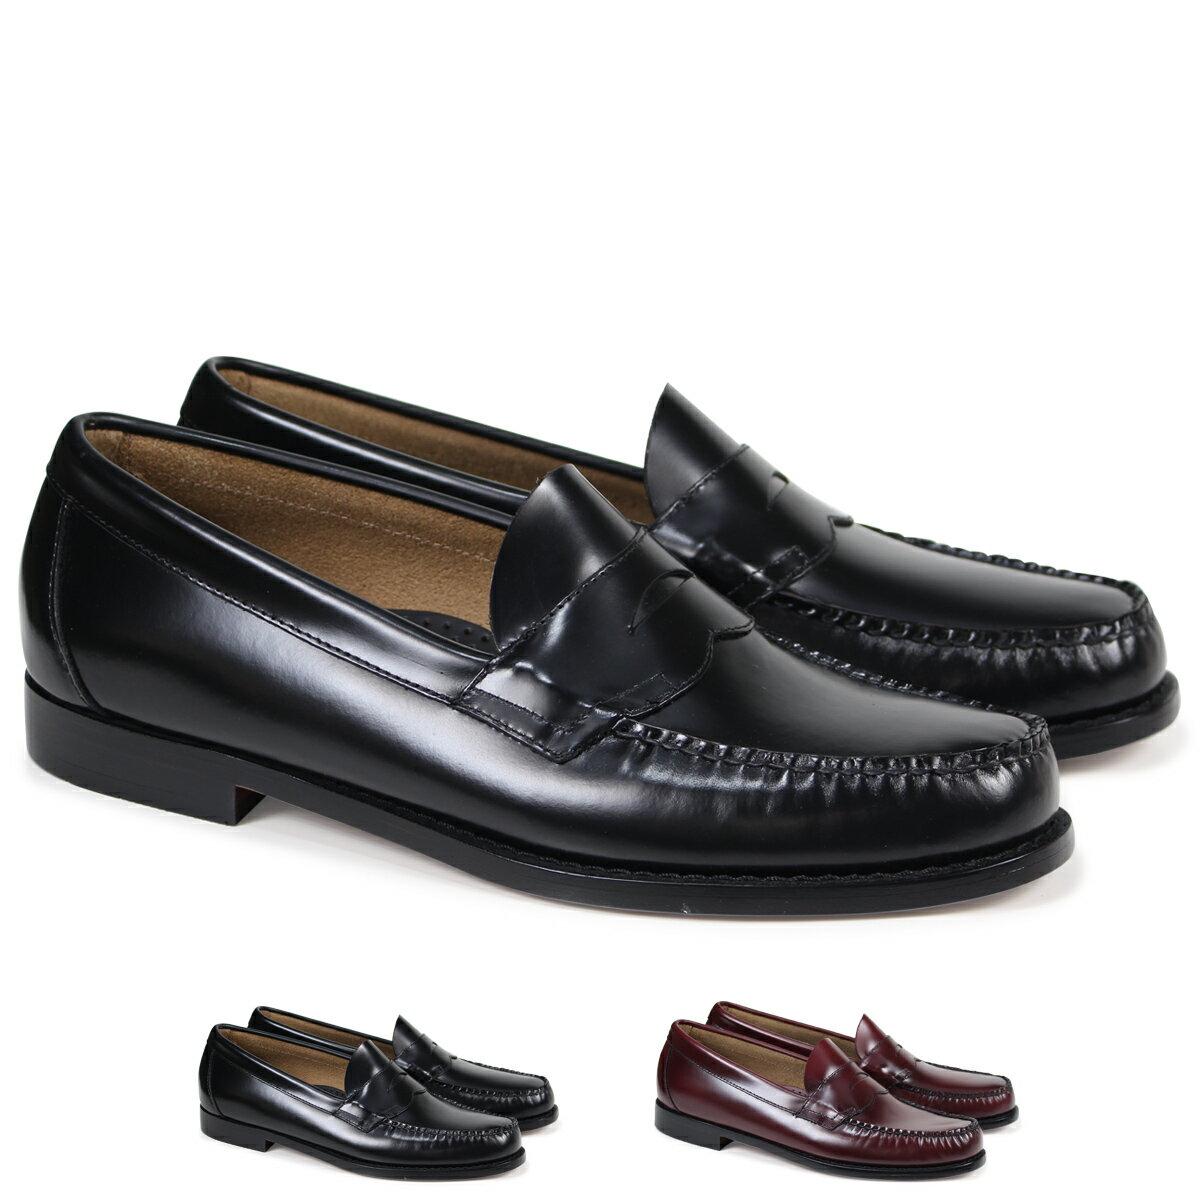 G.H. BASS LOGAN ローファー ジーエイチバス メンズ 70-10944 70-10949 靴 2カラー